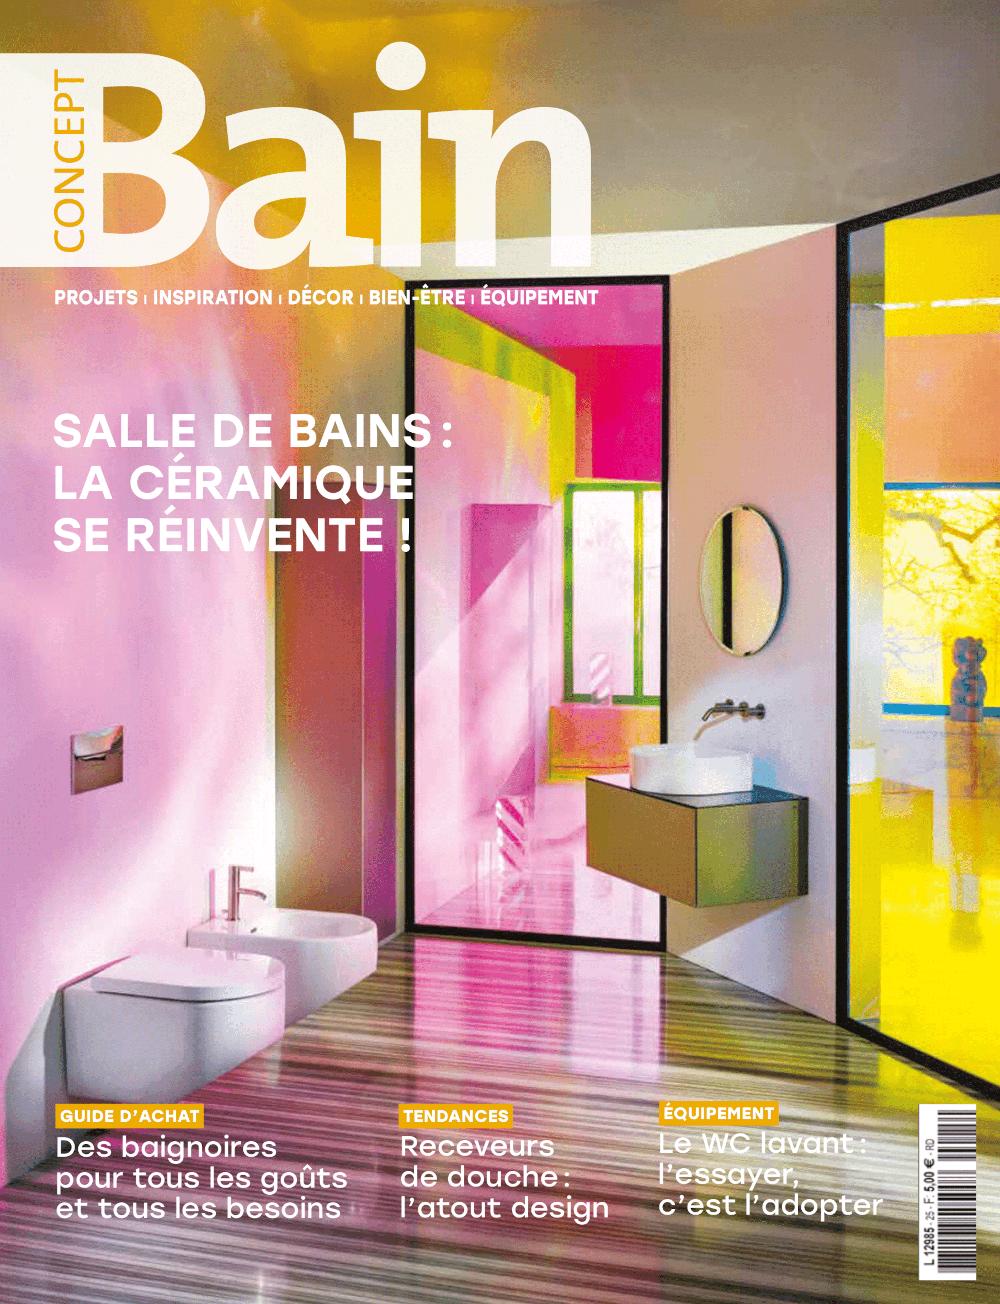 Couverture du dernier numéro Concept Bain